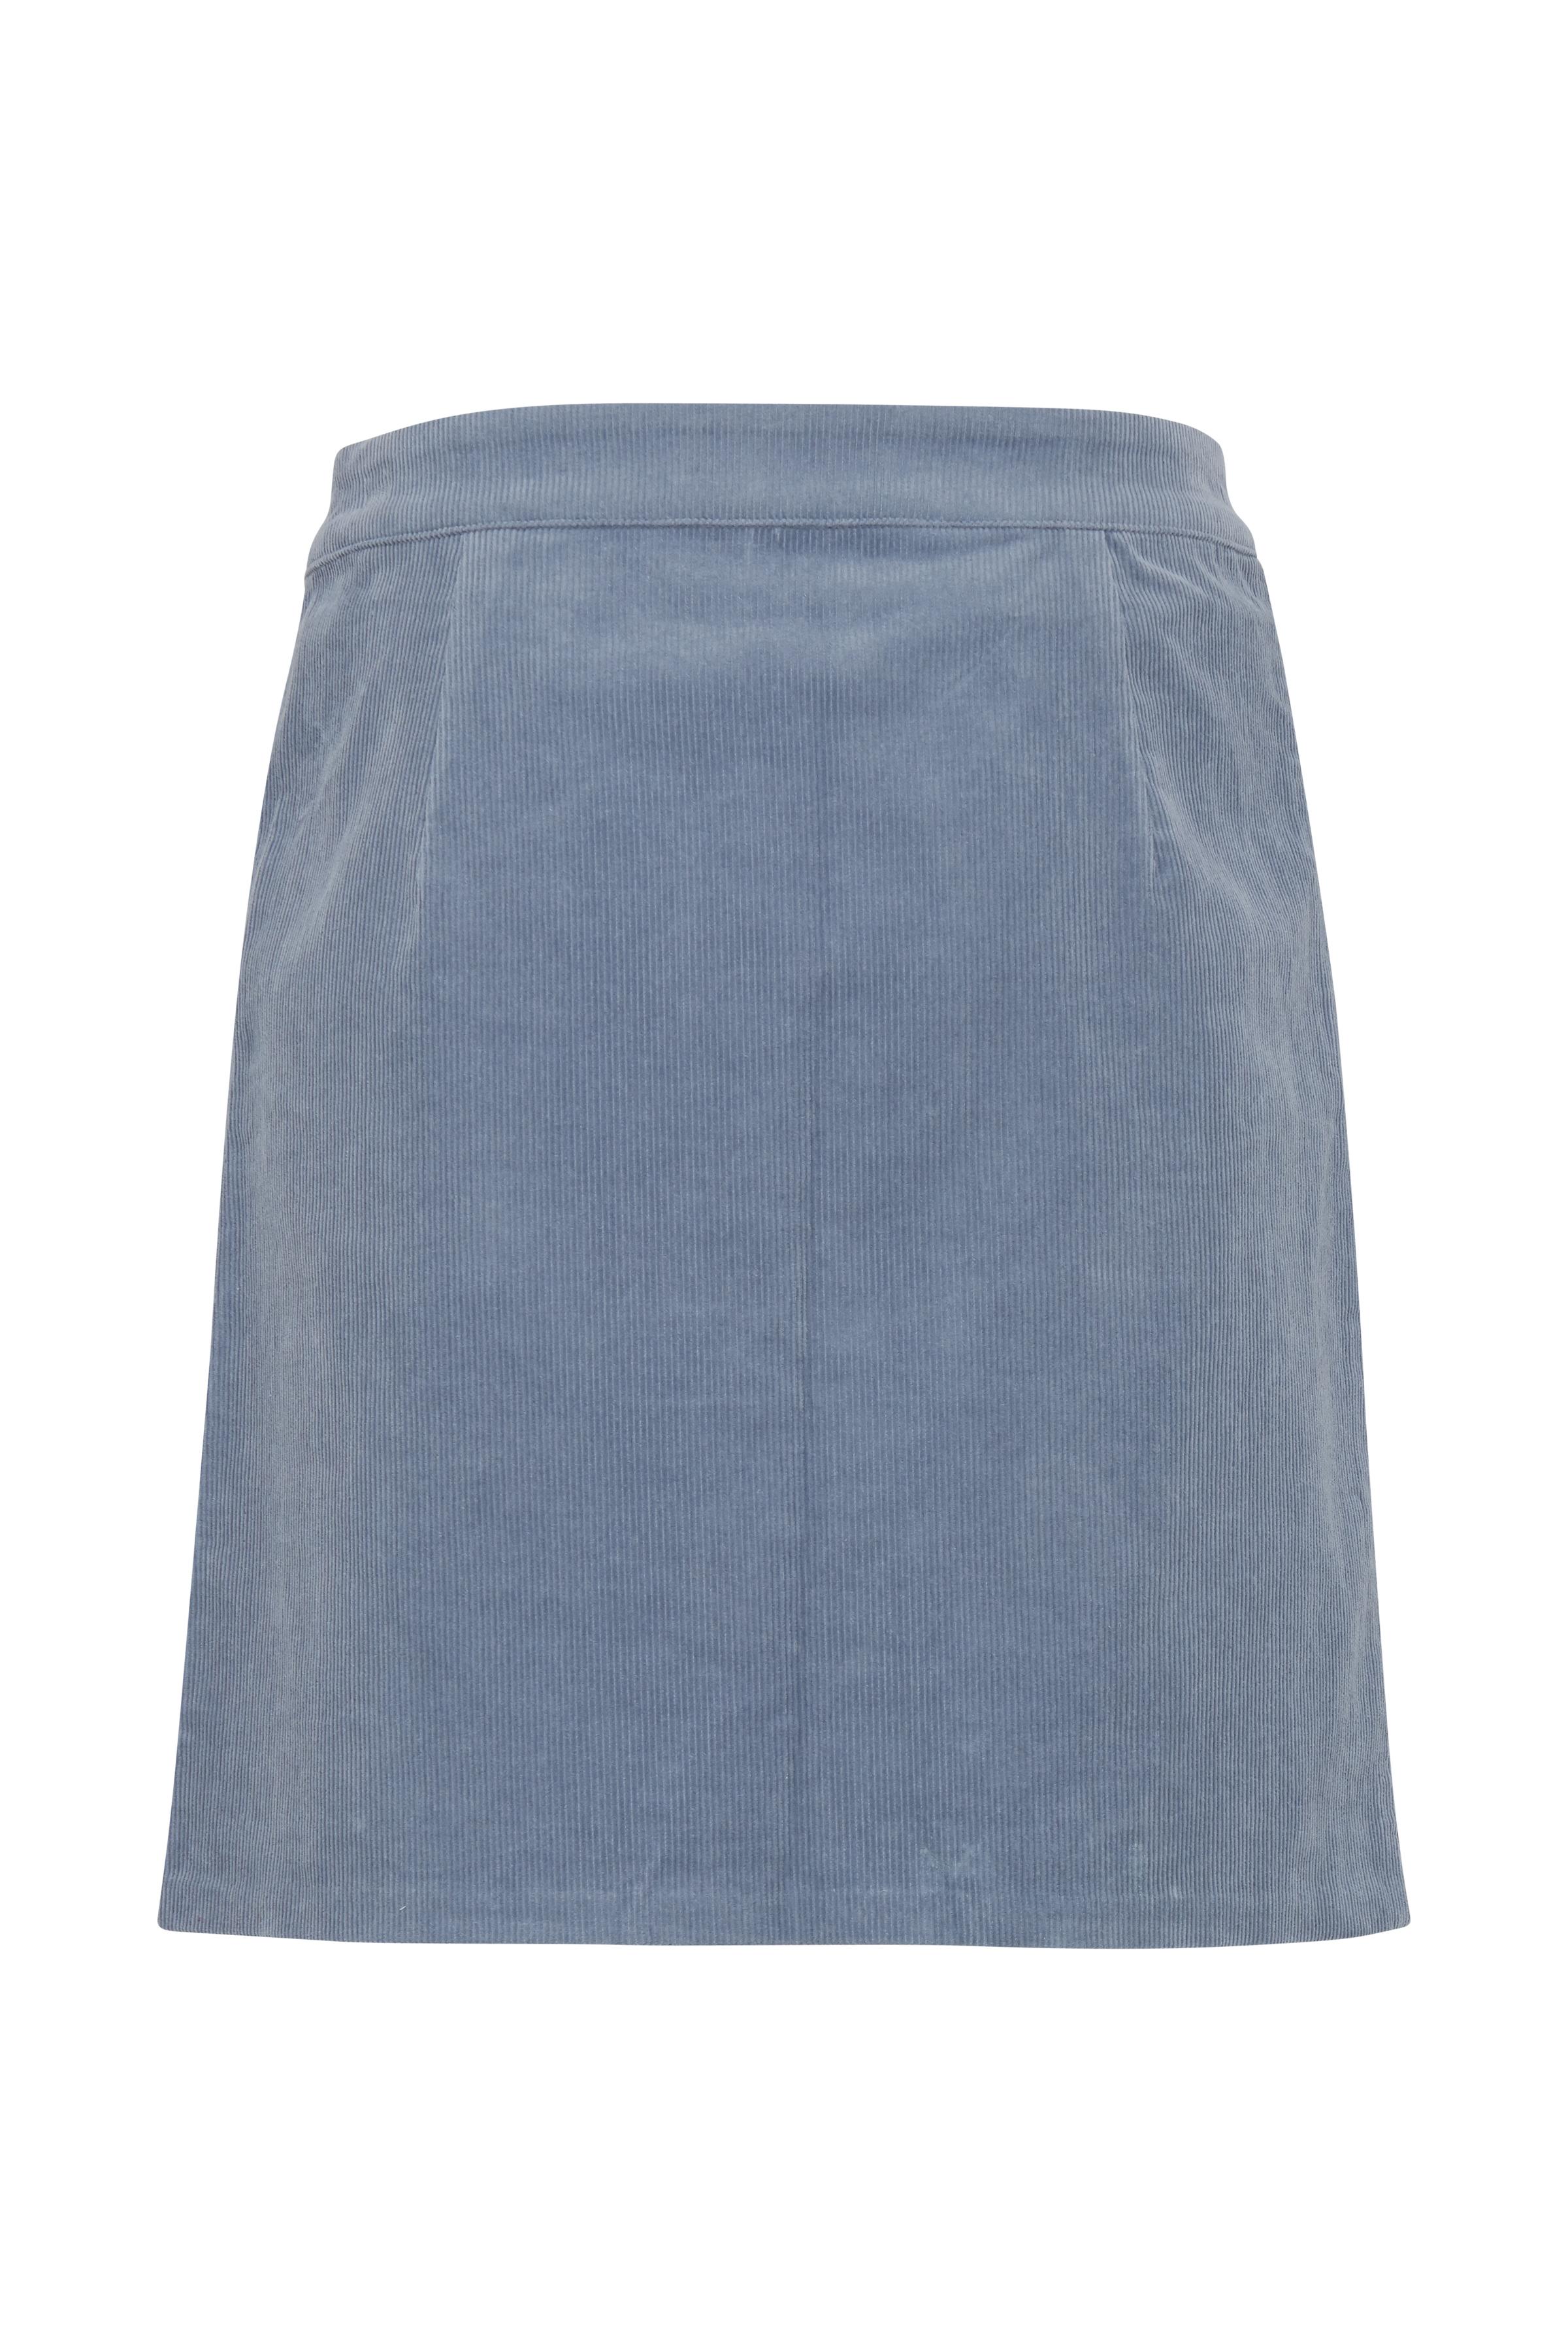 Blue Mirage Skirt fra Ichi – Køb Blue Mirage Skirt fra str. 34-42 her